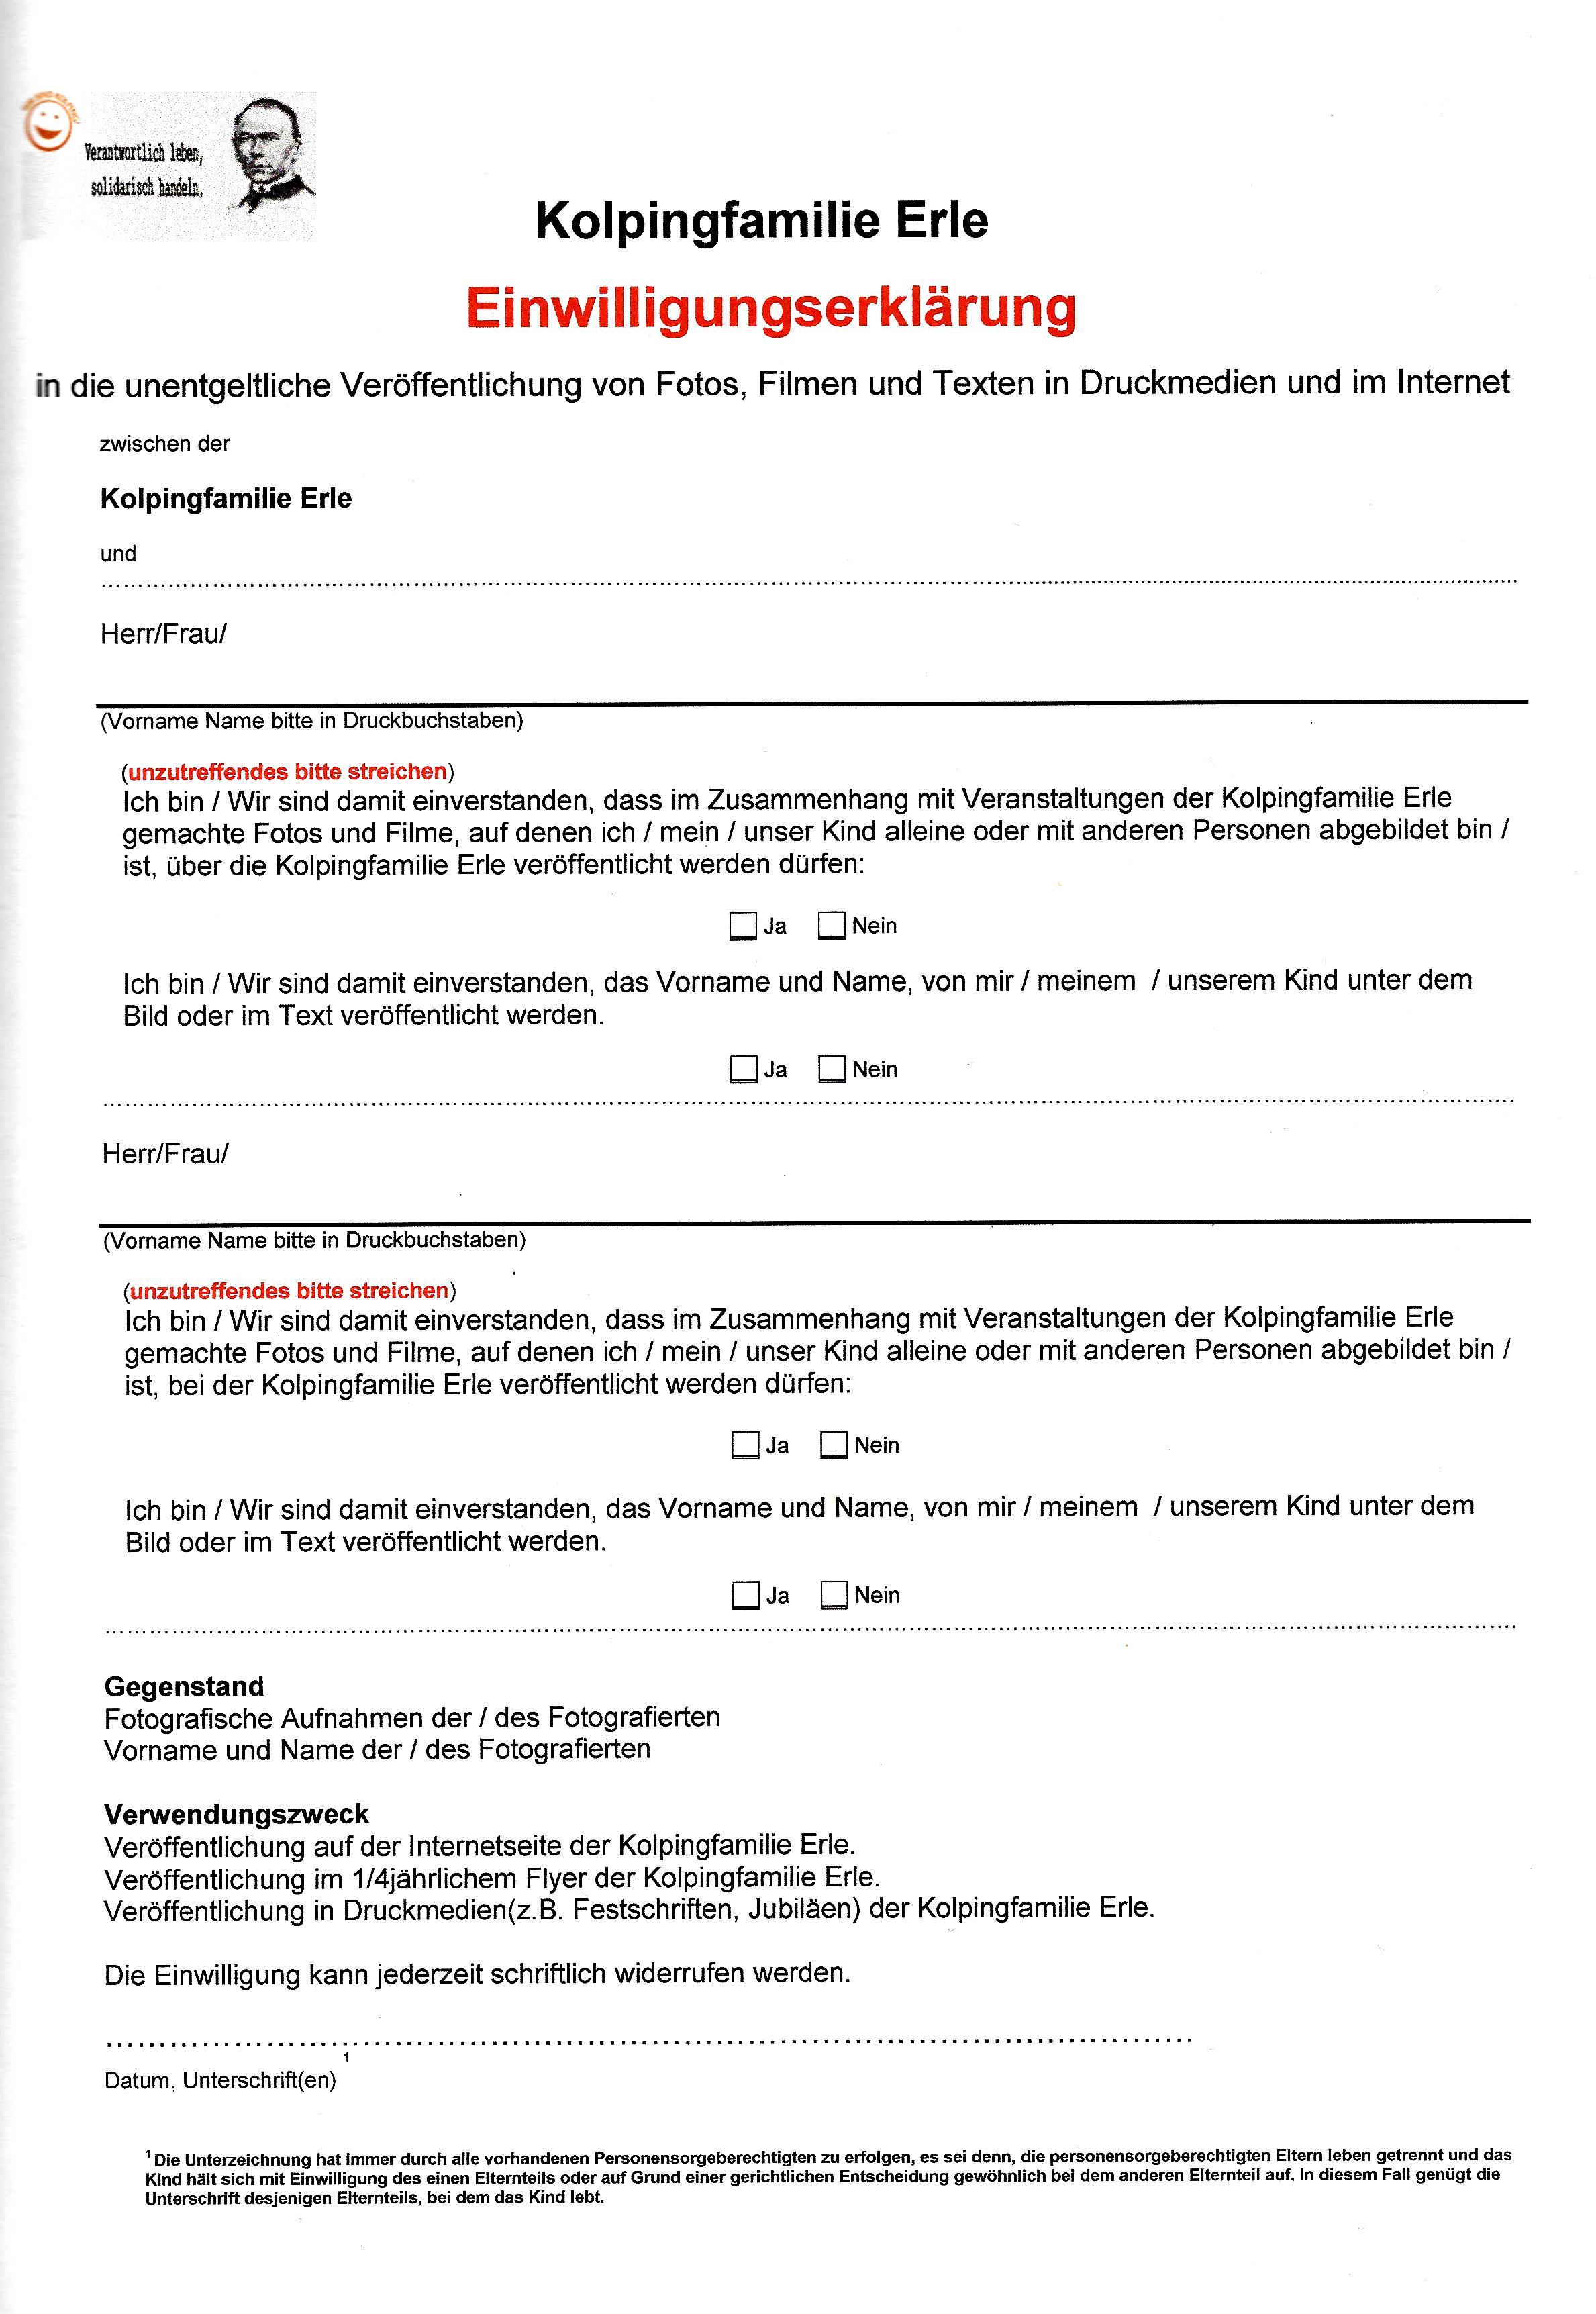 Einwilligungserklärung